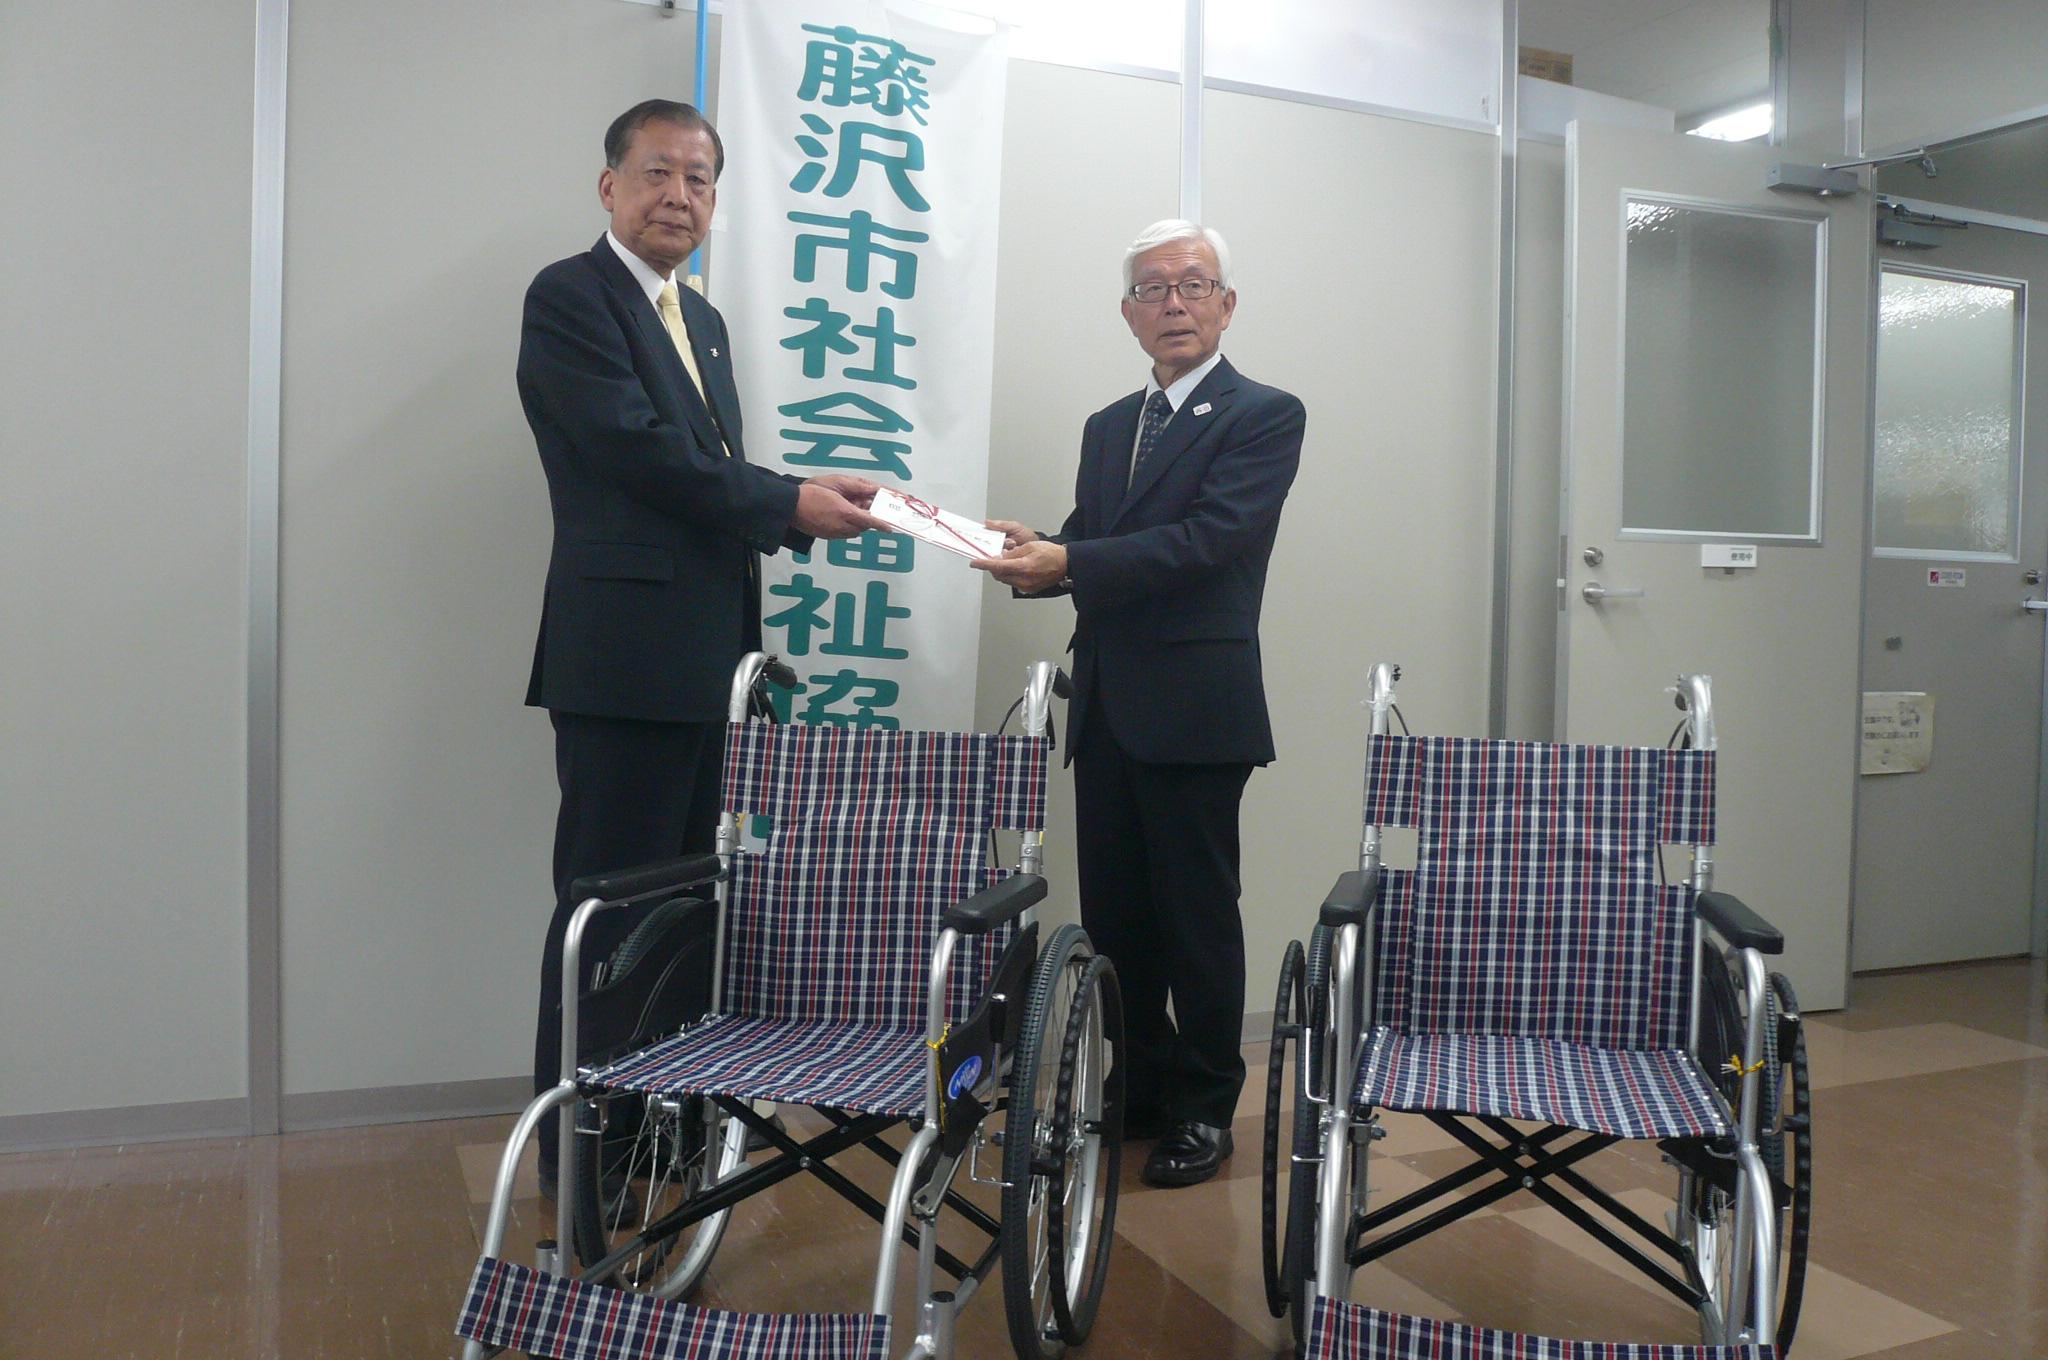 藤沢市社会福祉協議会加藤会長へ清水会長より寄贈